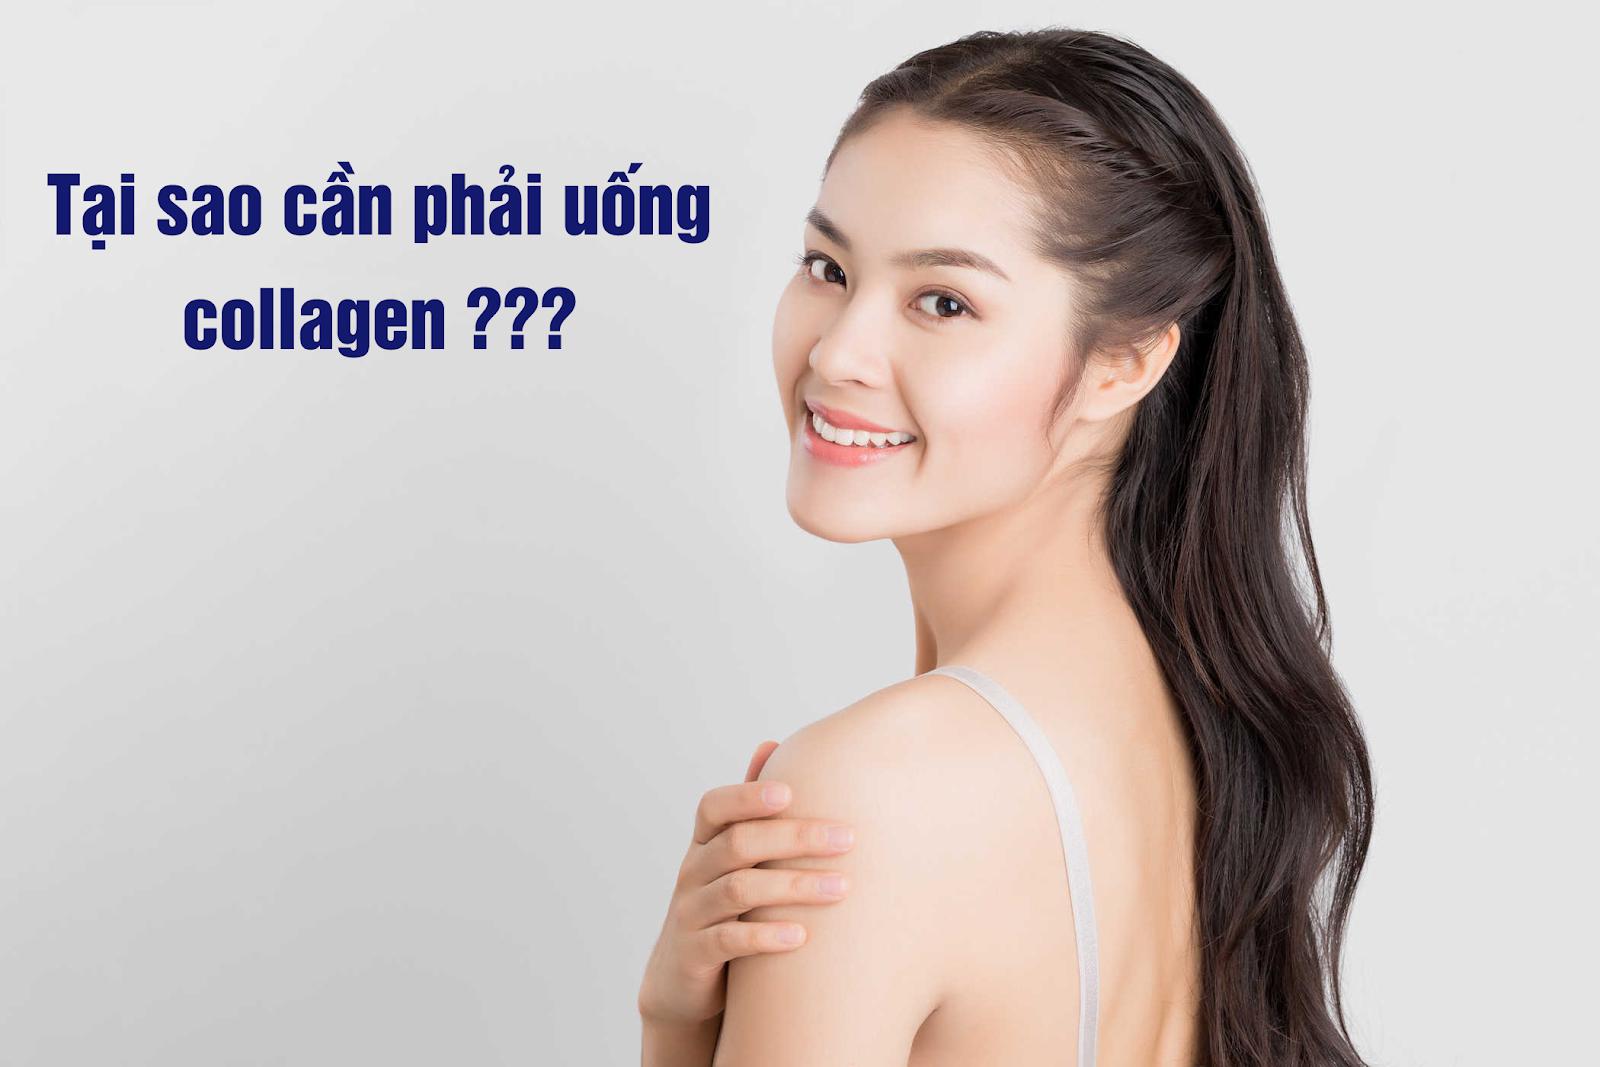 Tại sao chúng ta lại cần uống collagen?